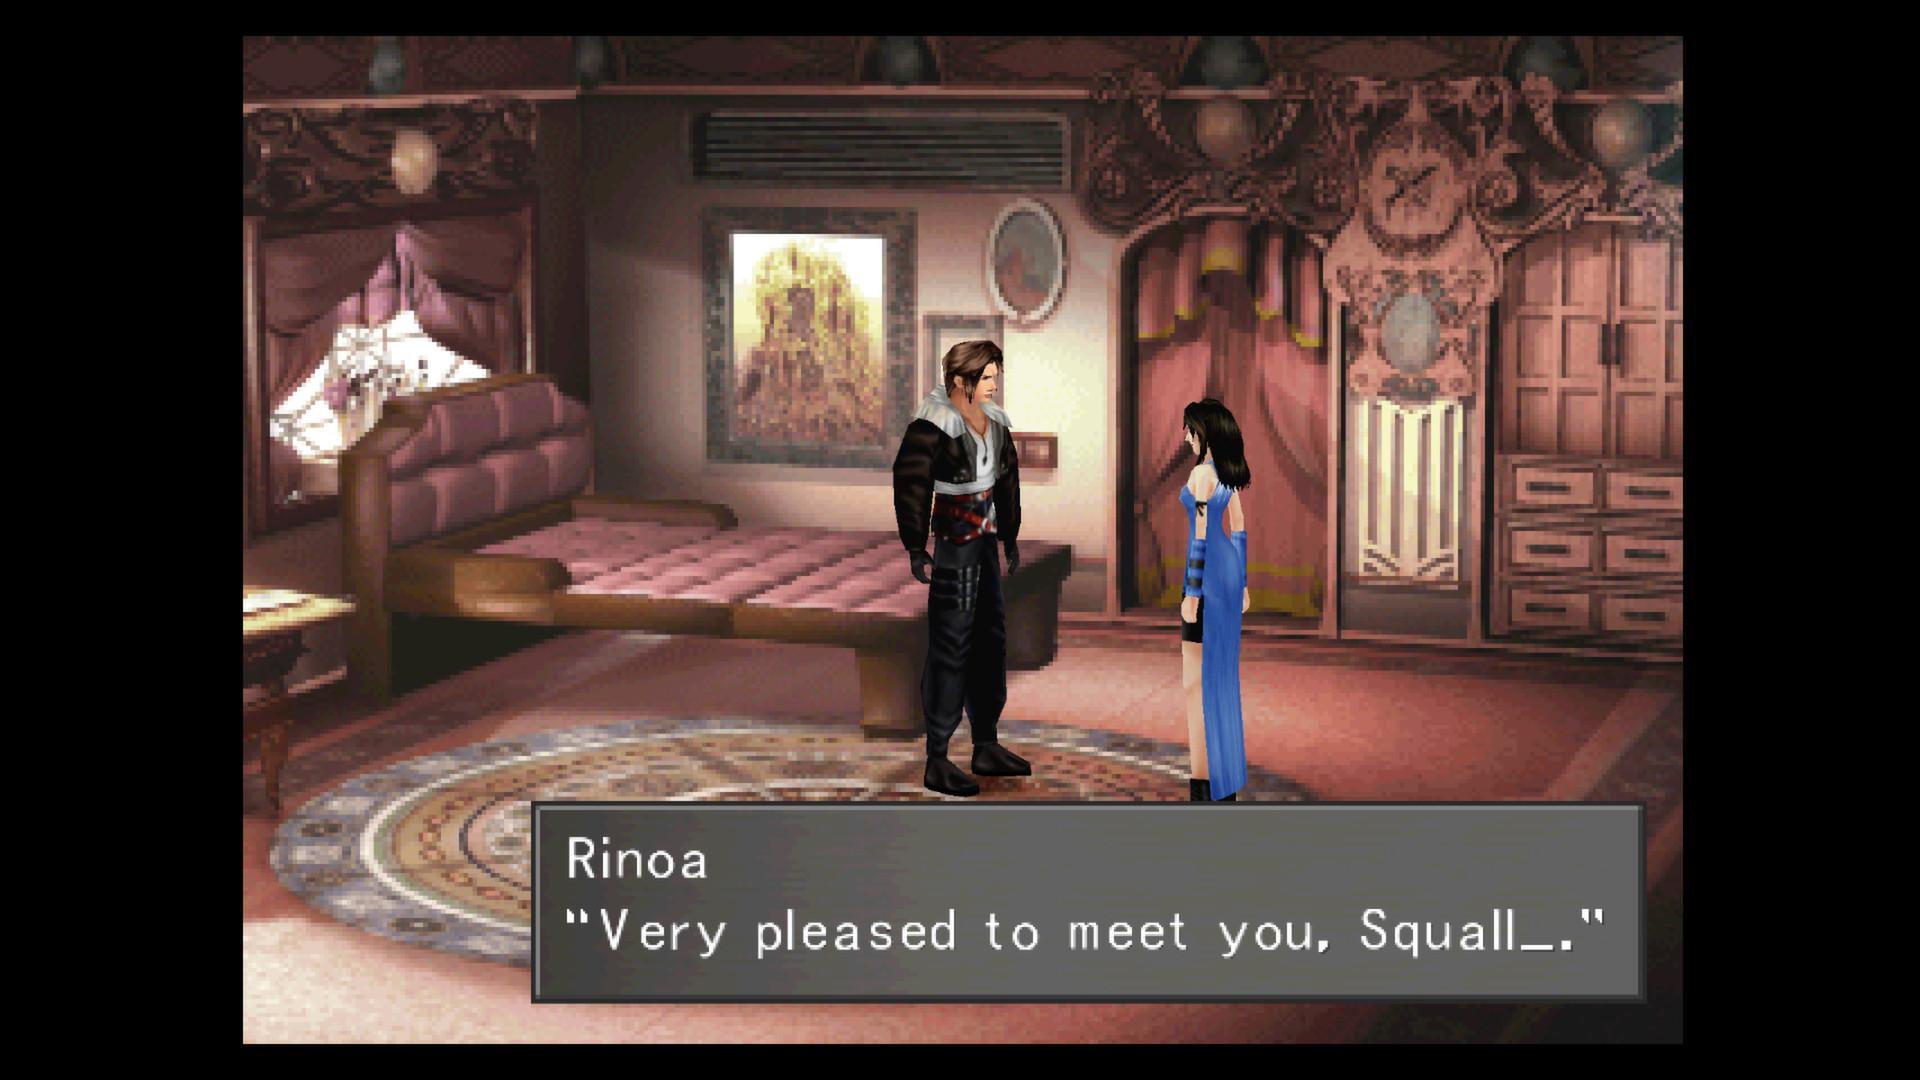 《最终幻想8:重制版》新画面公布 经典梗就这样消失了